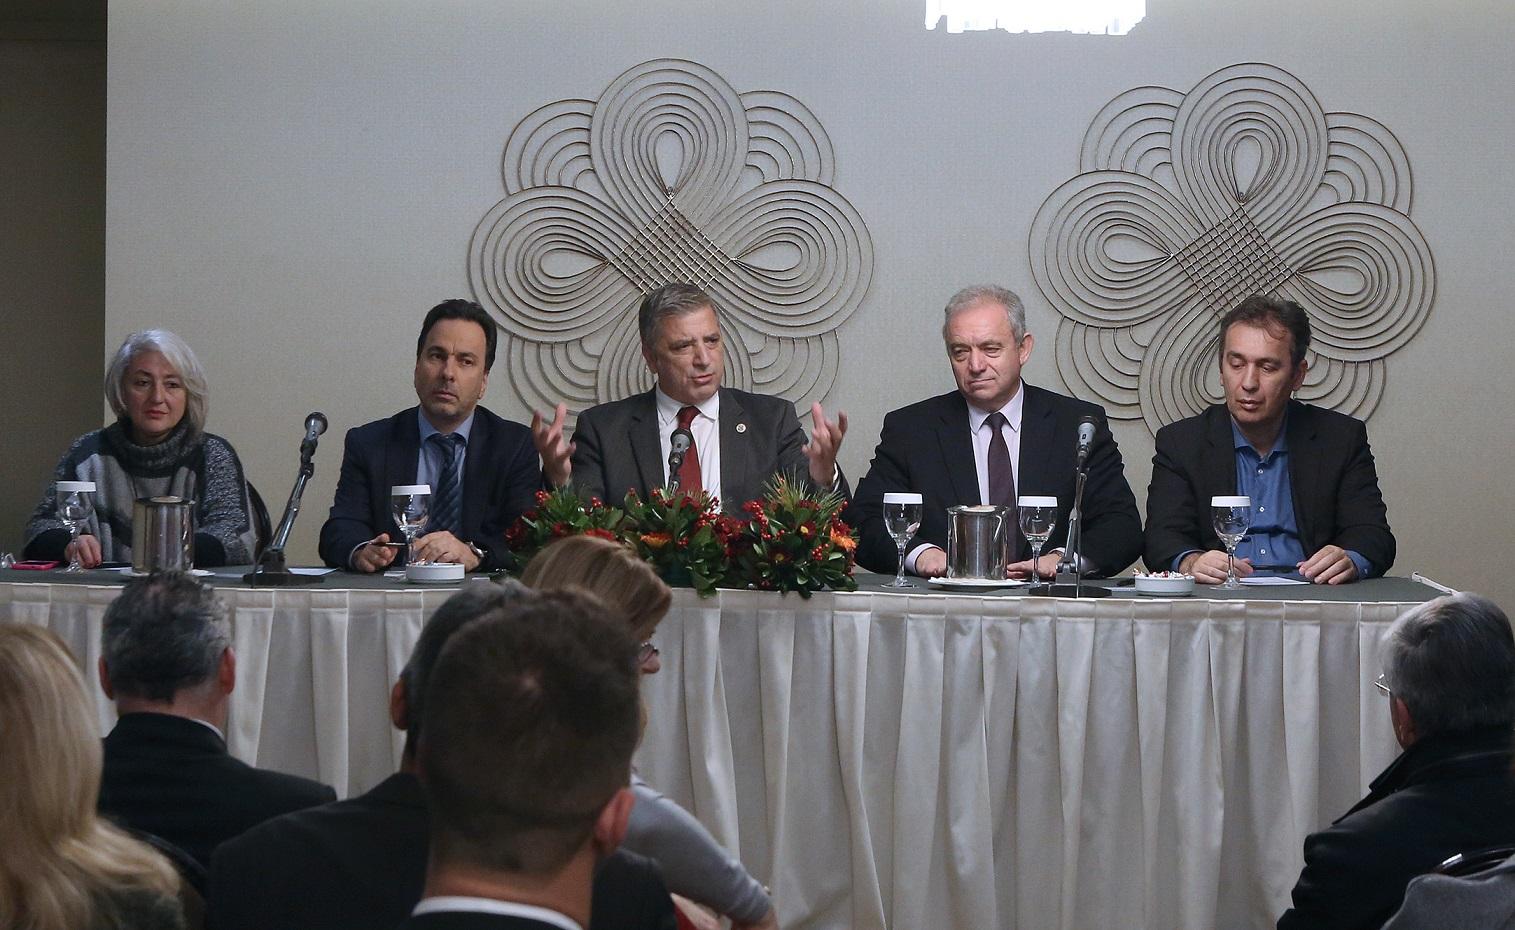 770ab1f8fb Οι δράσεις και οι ενέργειες για την υλοποίηση του Οράματος να γίνει η Αθήνα  Πρωτεύουσα Ξανά προσδιορίστηκαν κατά τη διάρκεια της συνάντησης που είχε ο  ...